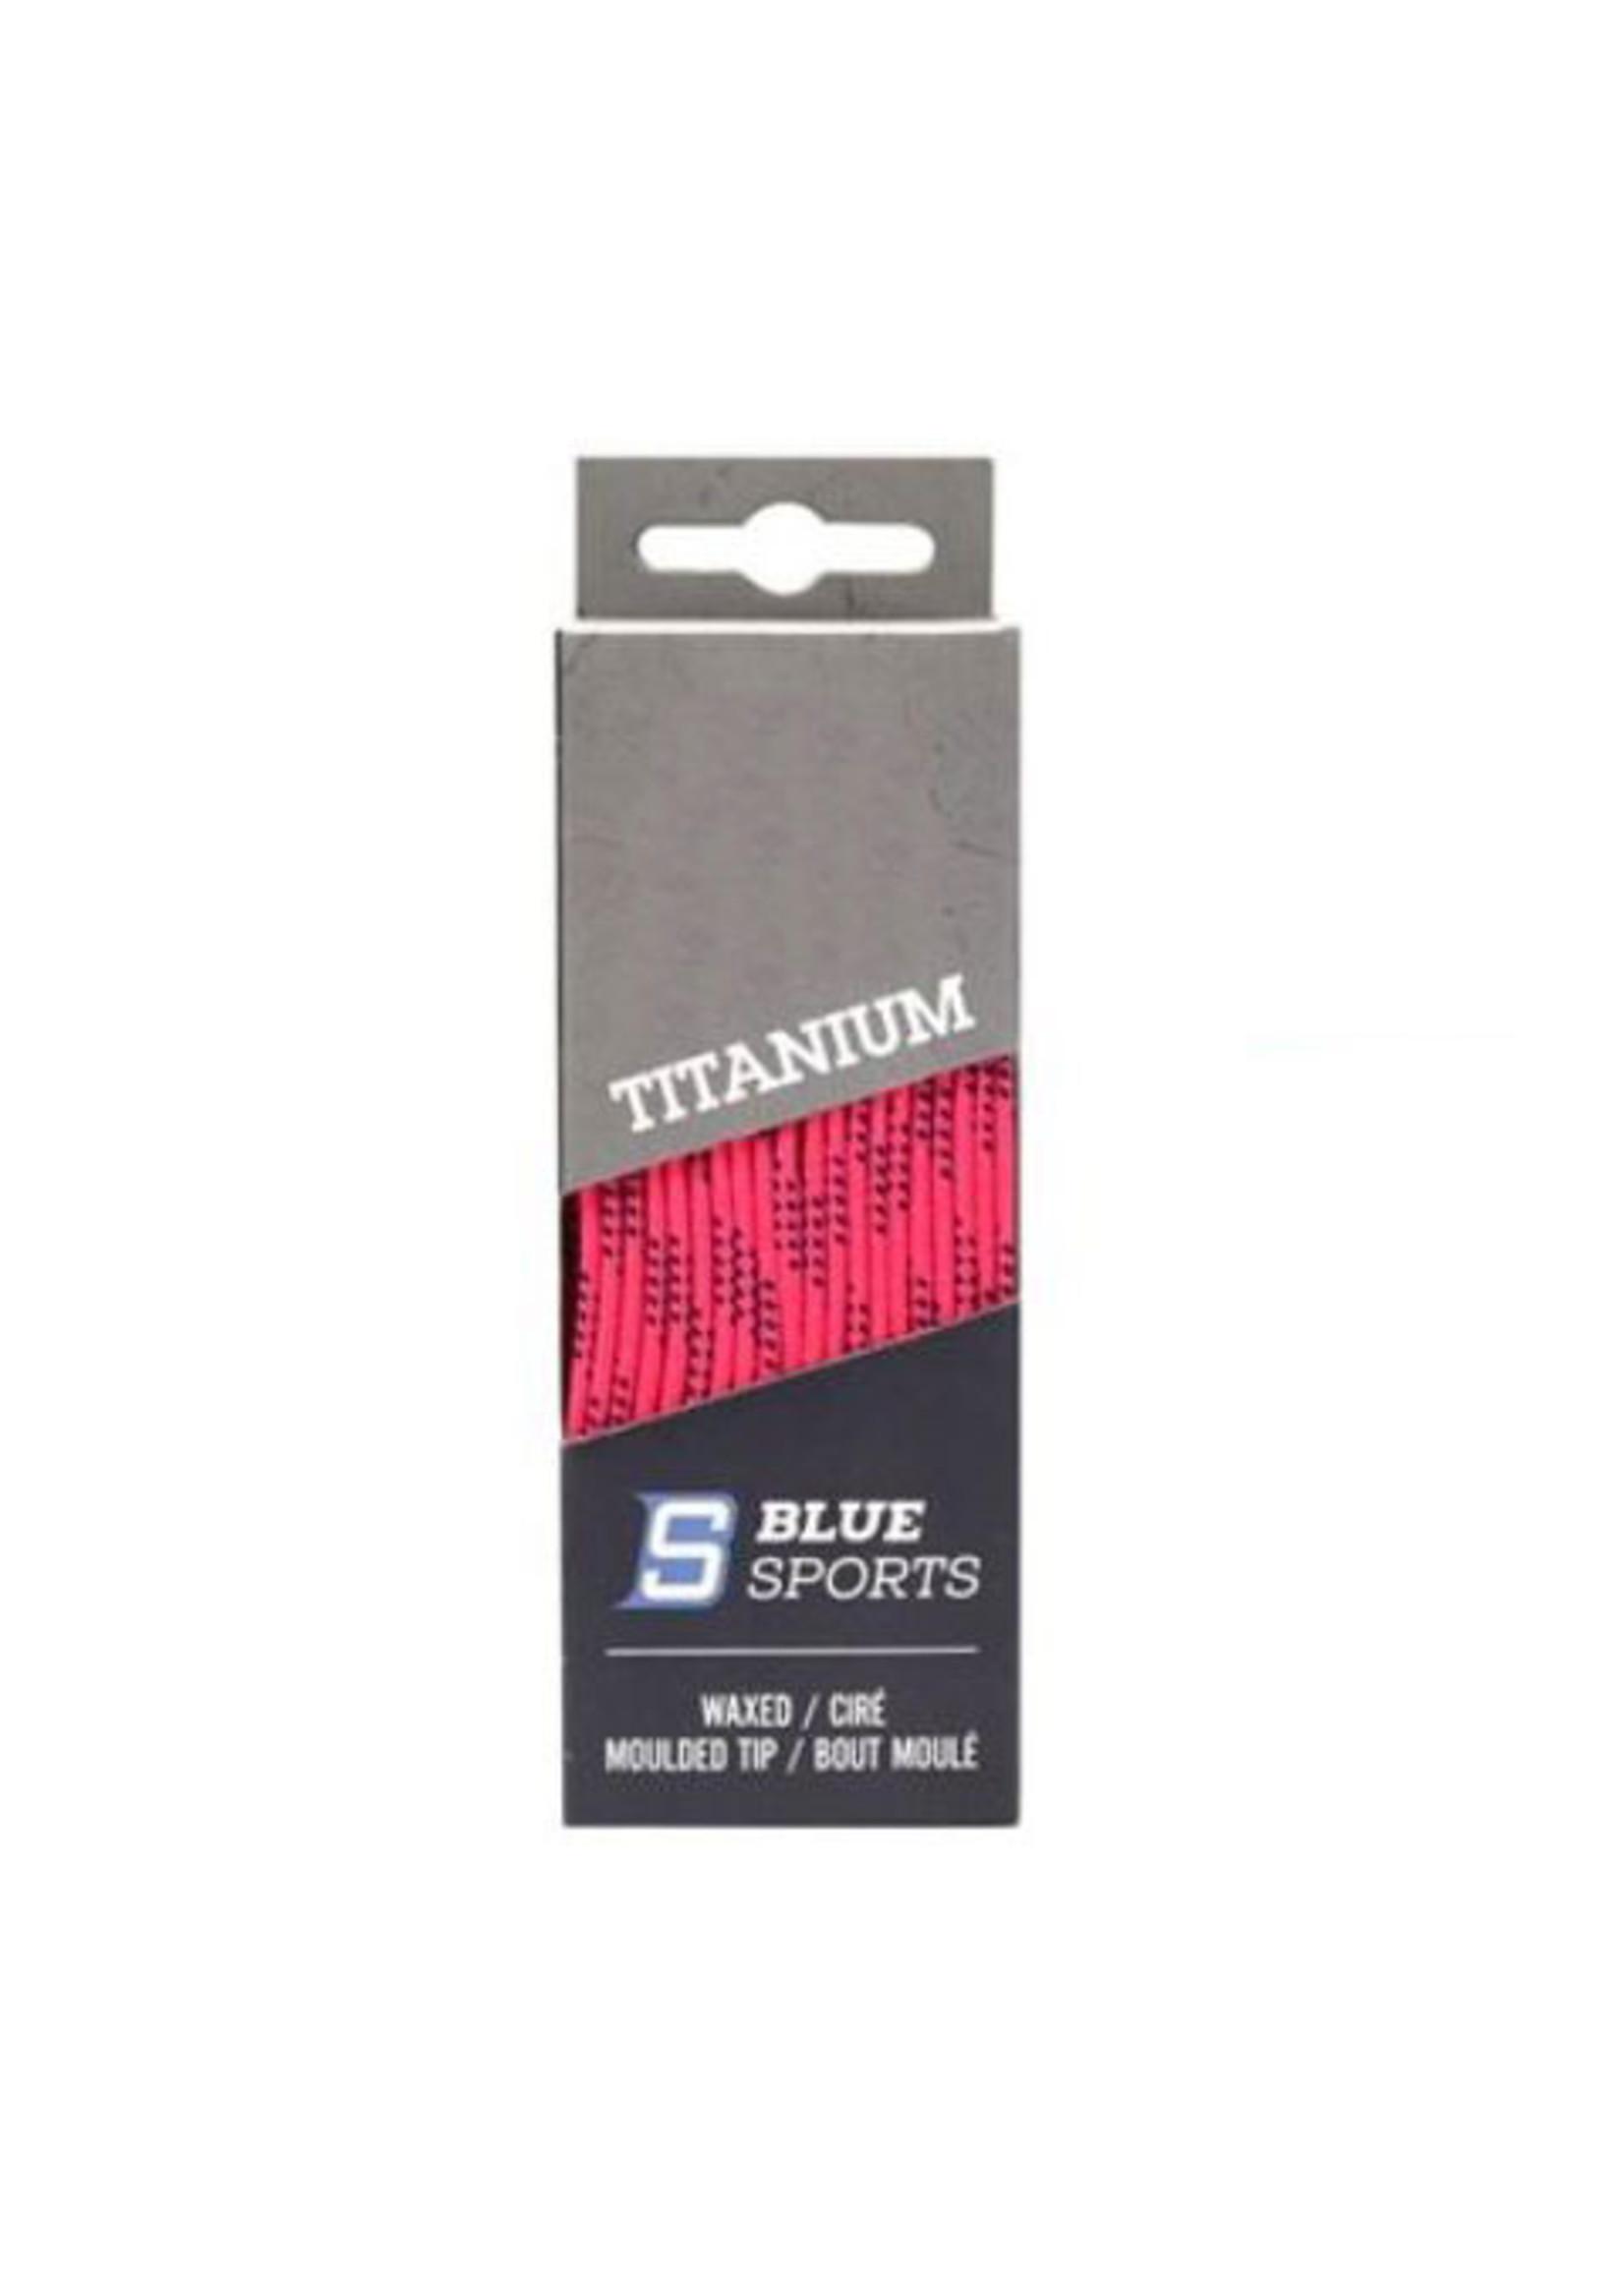 BLUE SPORTS TITANIUM CIRÉ LACETS